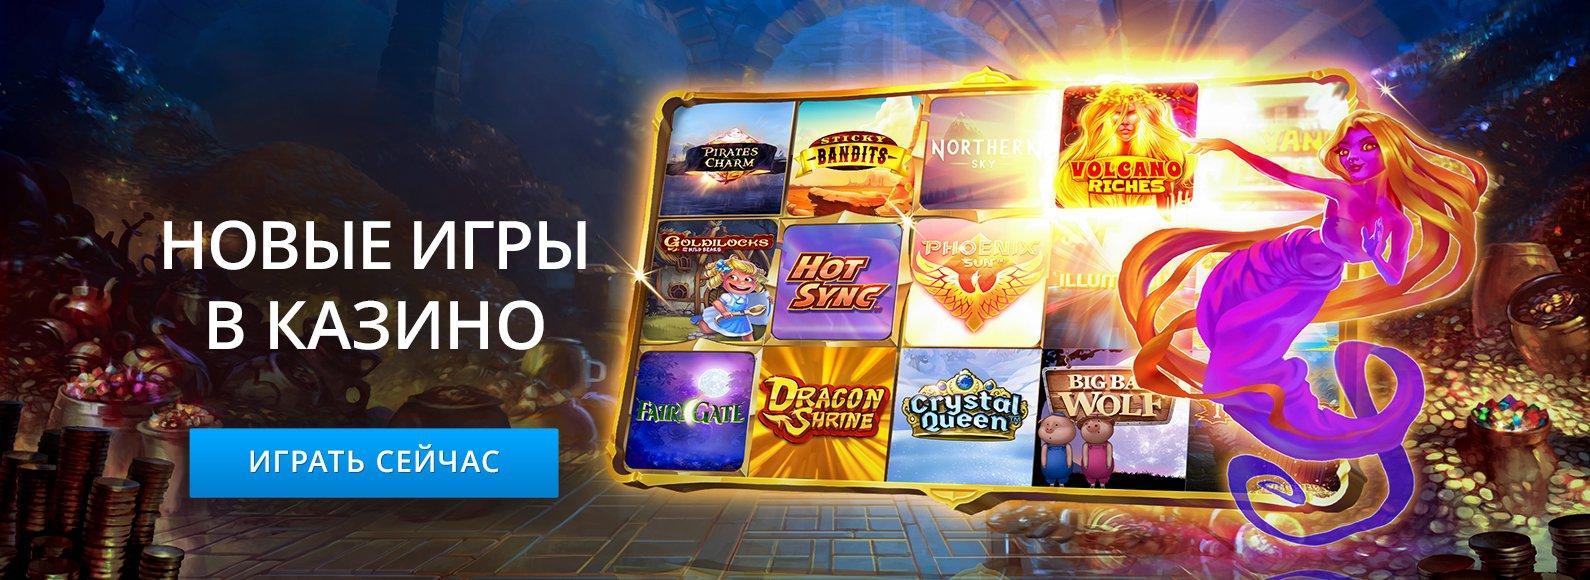 Ru new casino